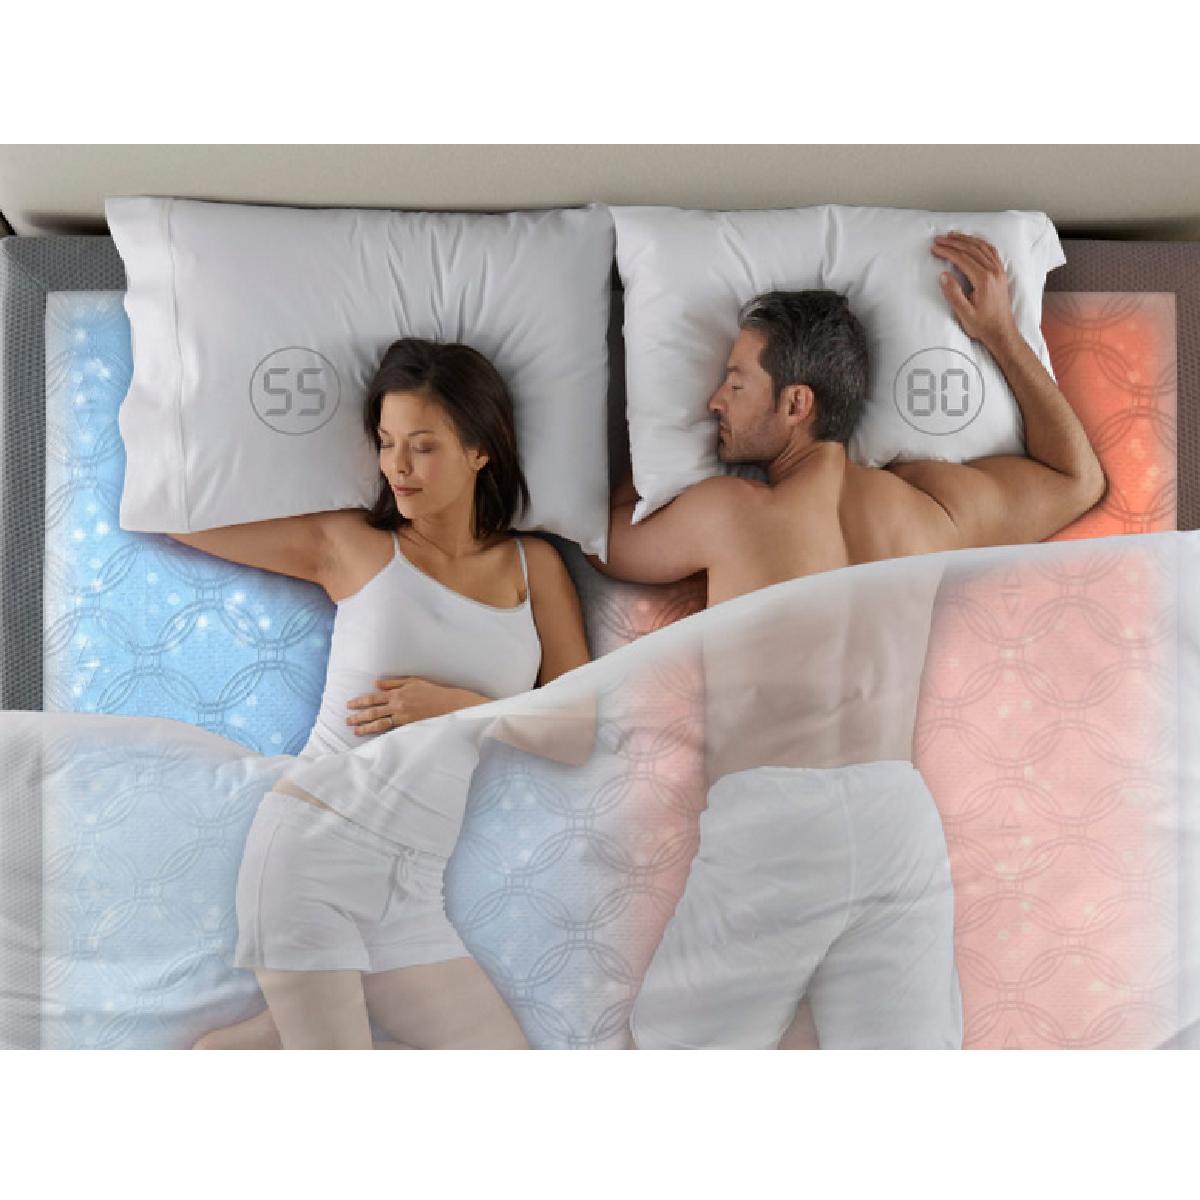 cadeaux 2 ouf id es de cadeaux insolites et originaux dual temp un matelas chauffant pour deux. Black Bedroom Furniture Sets. Home Design Ideas